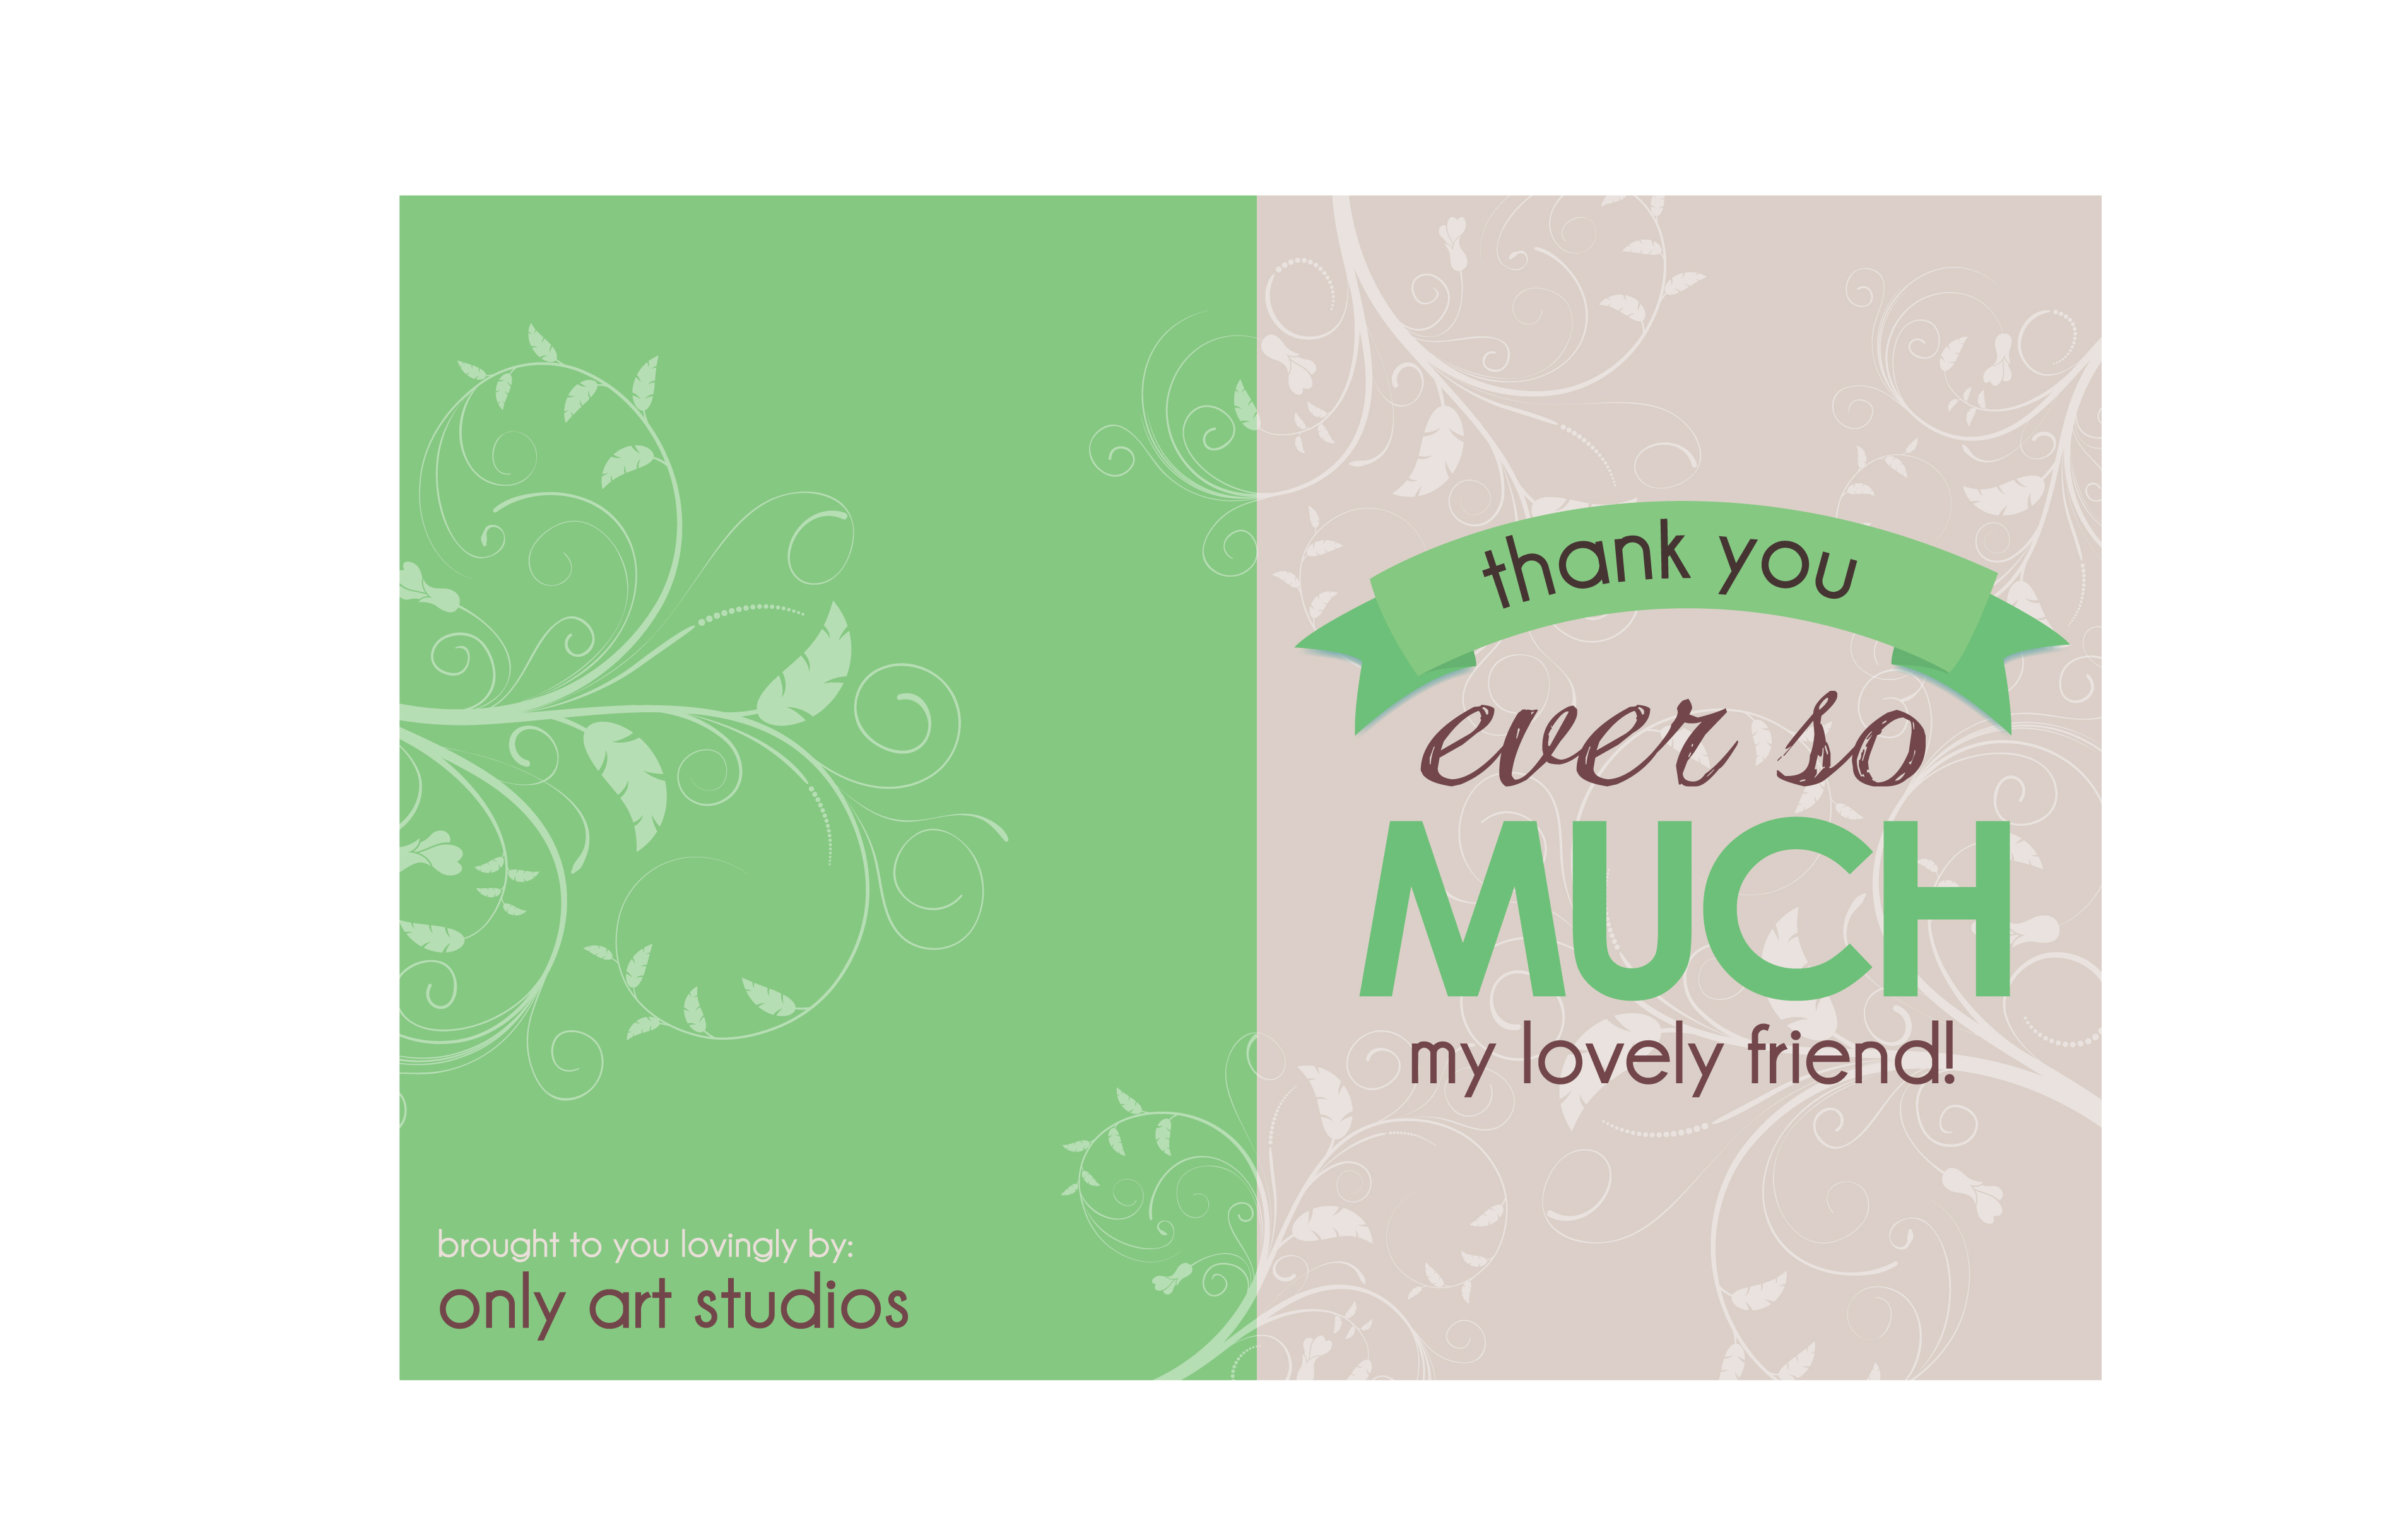 Thank you card design | Emmalee Shallenberger: Graphic Designer